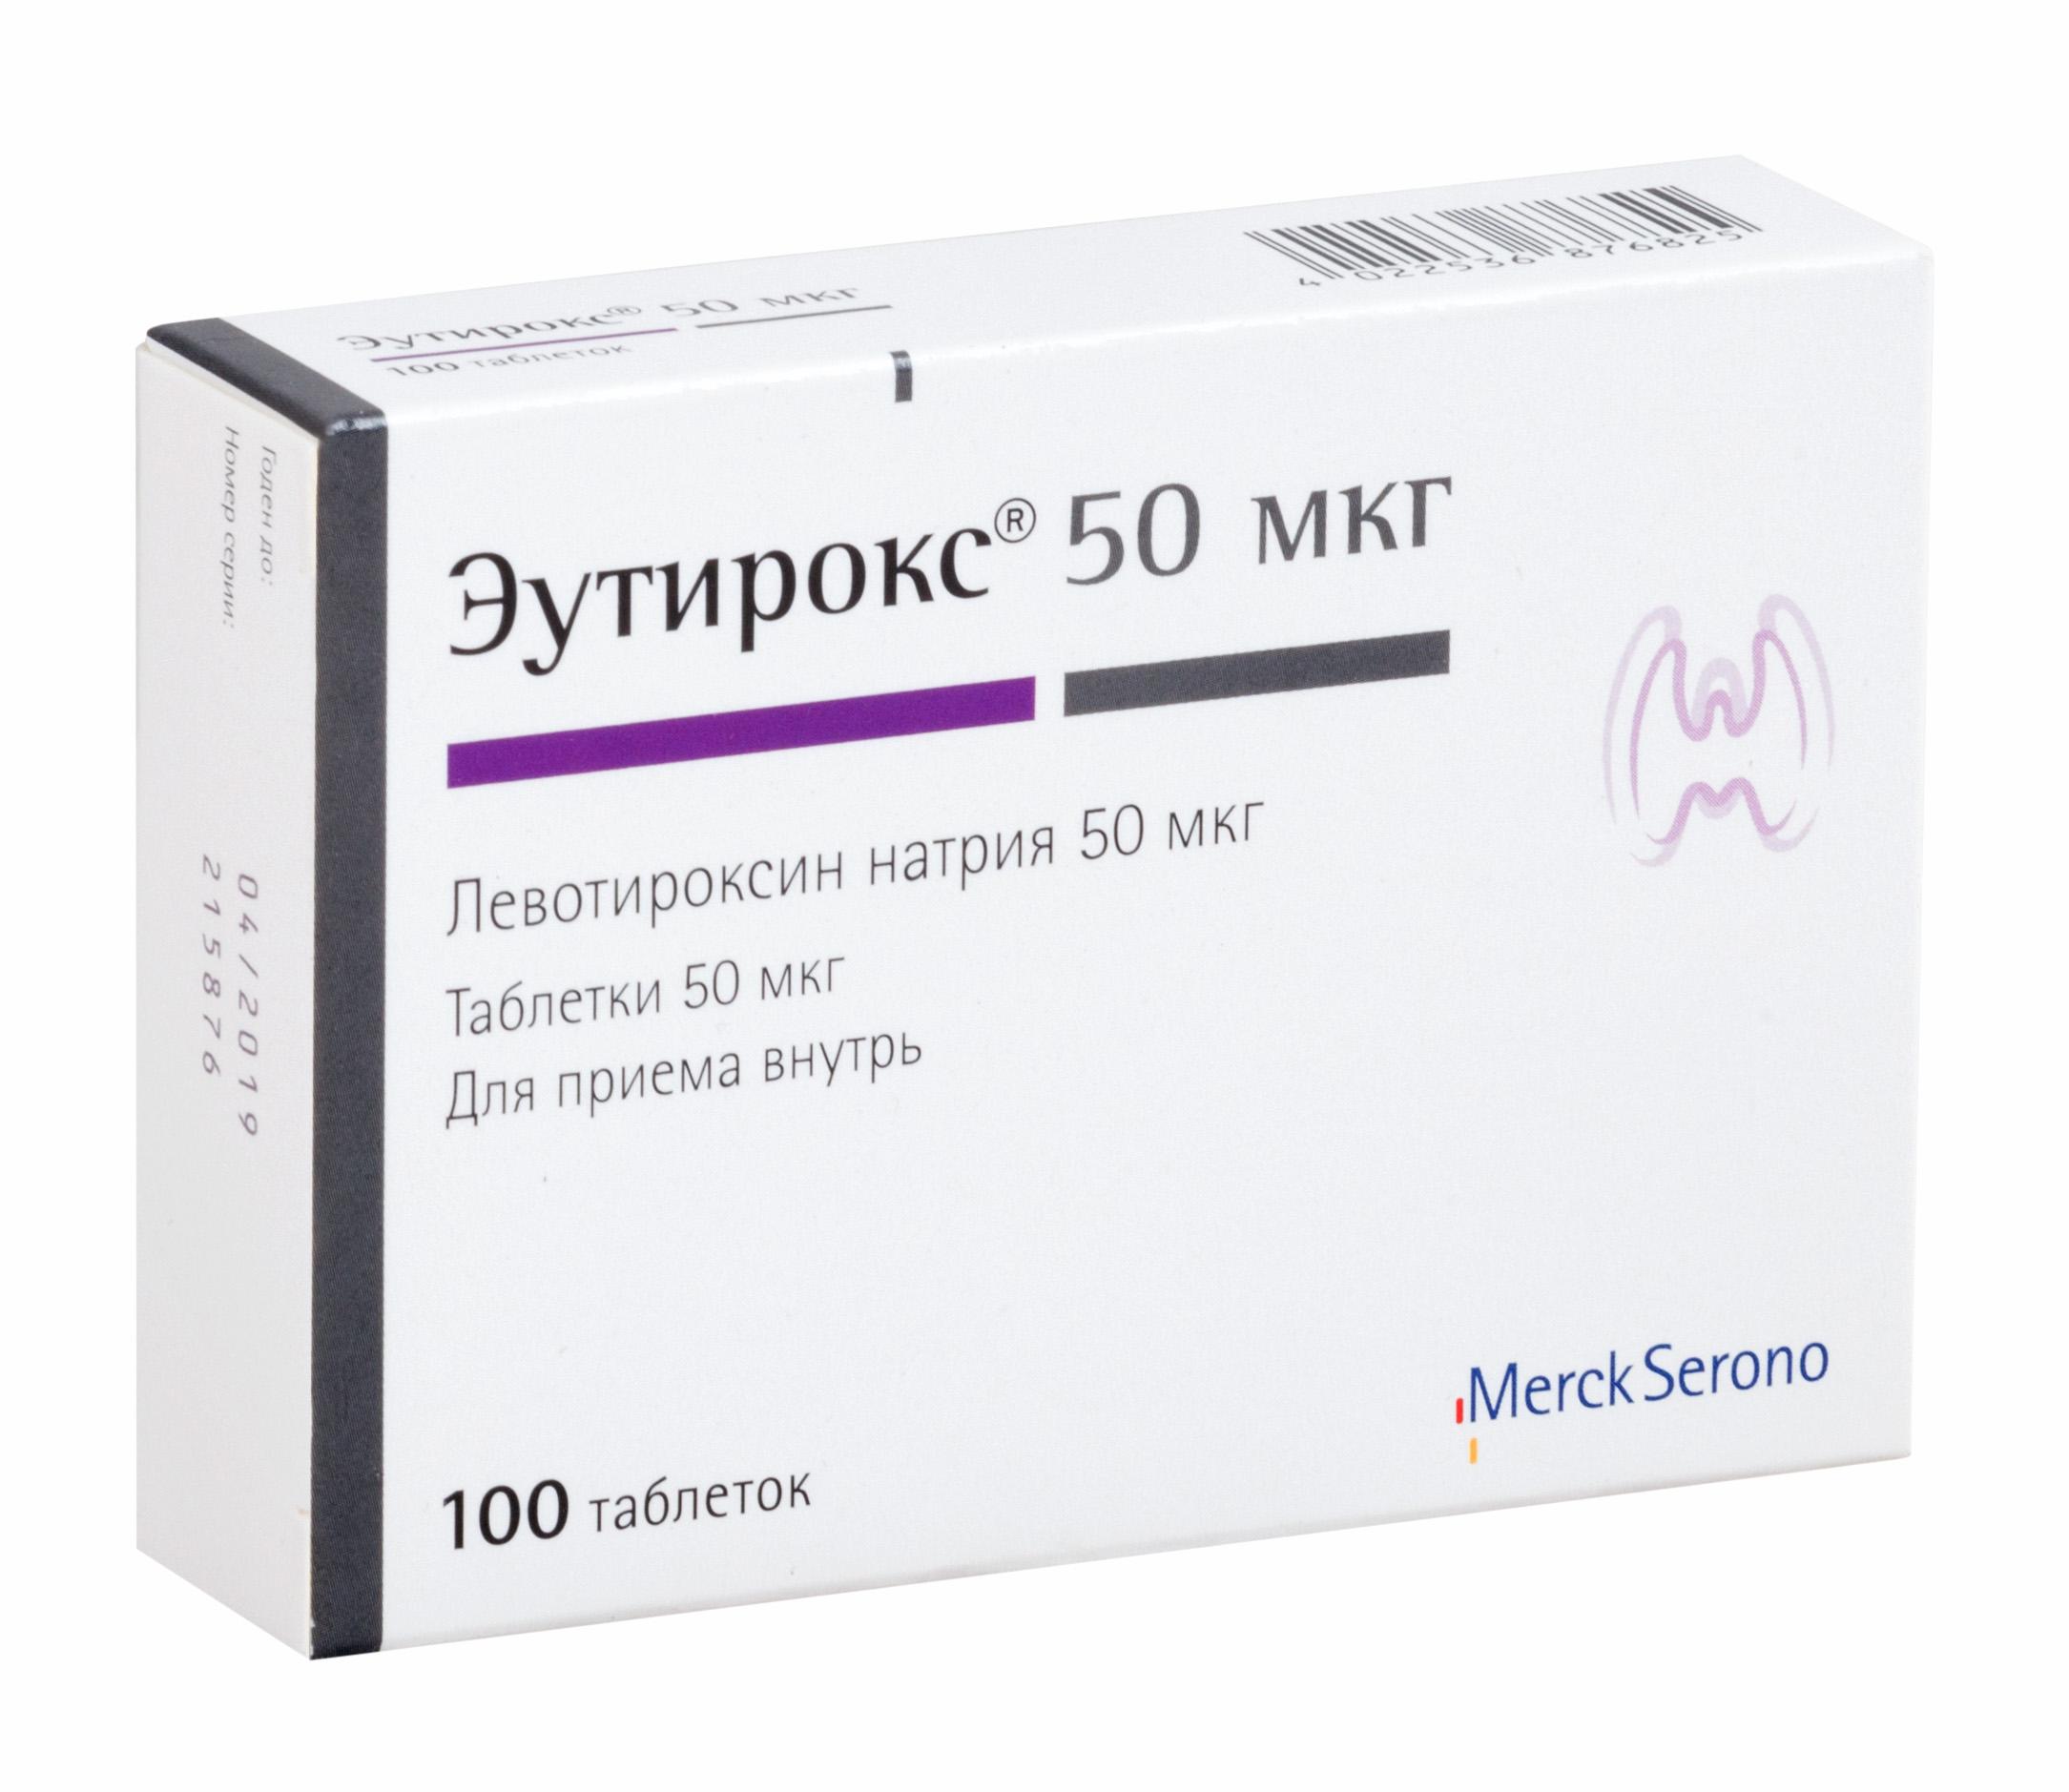 Эутирокс таб. 50мкг n100